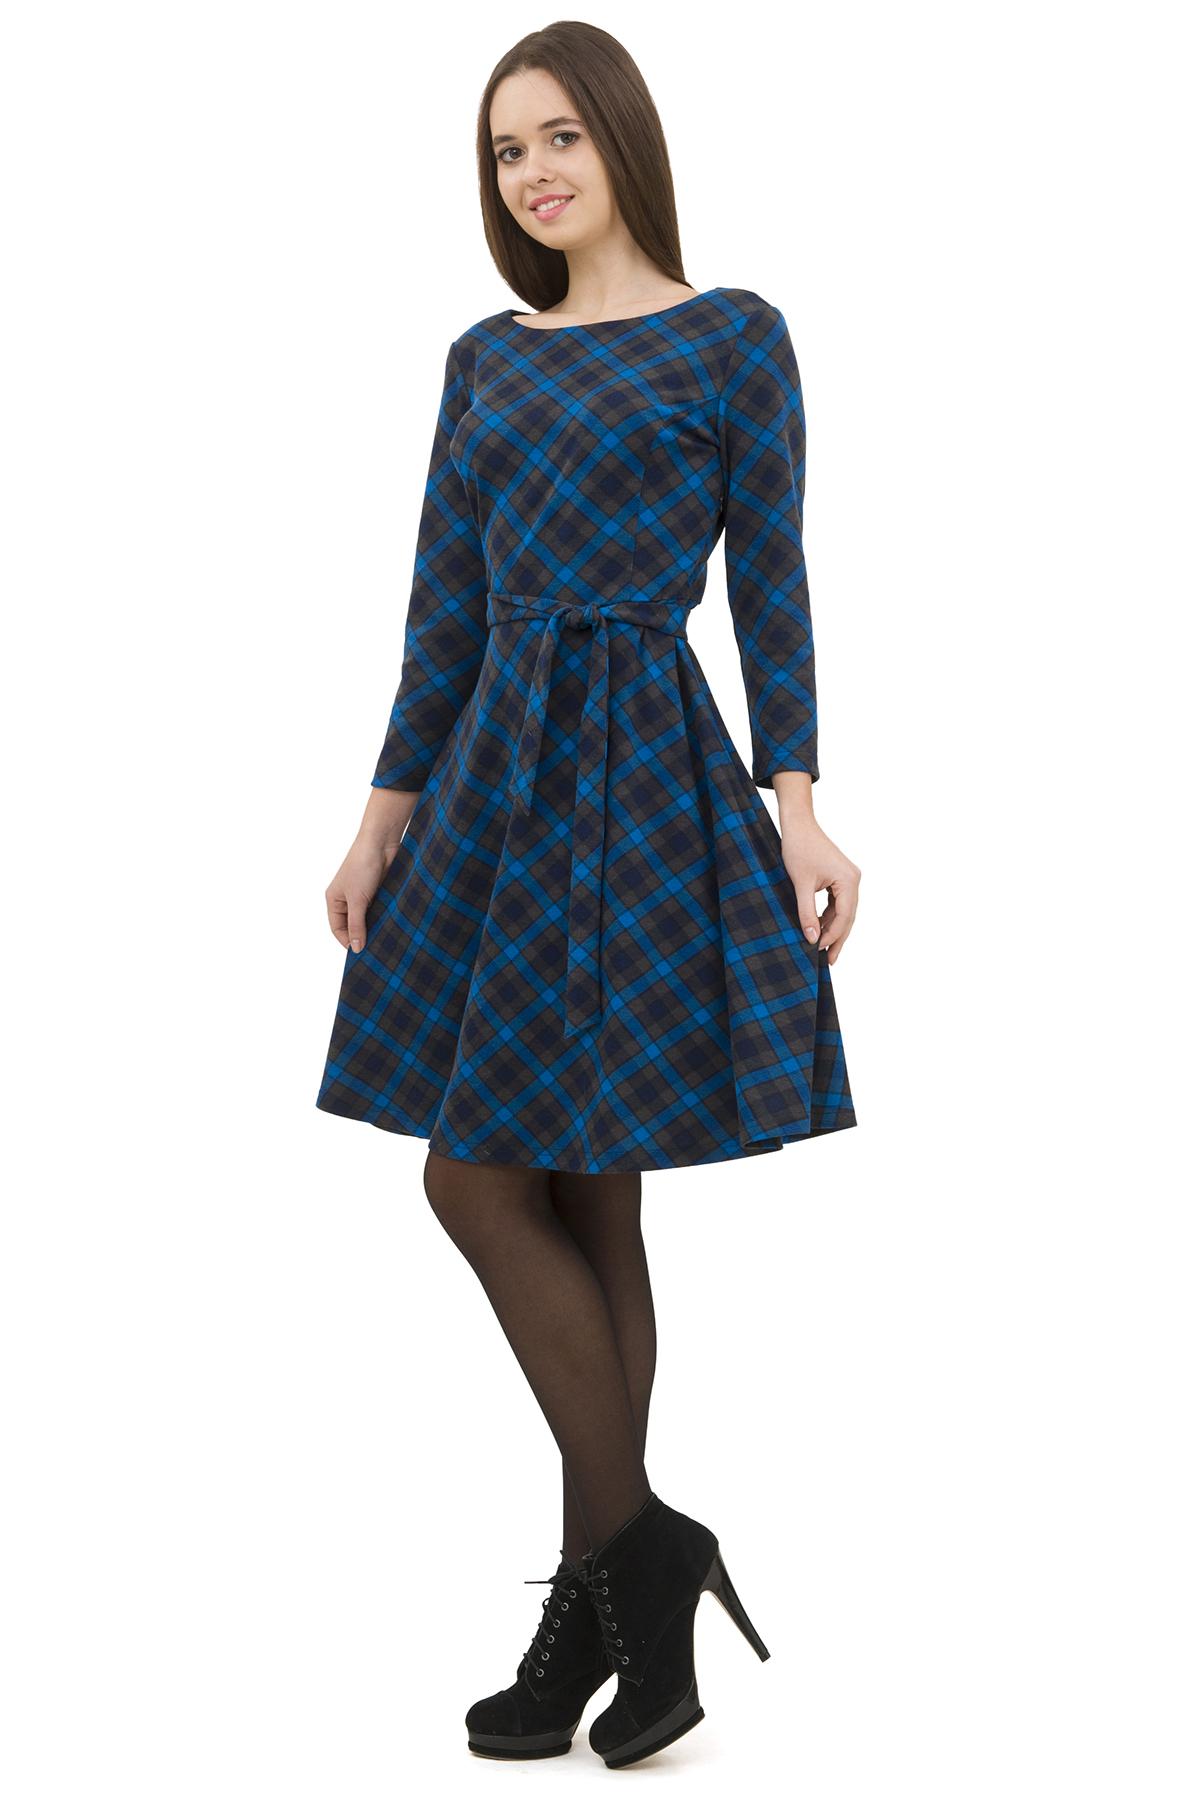 ПлатьеПлатья,  сарафаны<br>Изумительное платье яркой расцветки и лаконичного дизайна не оставит Вас незамеченной среди окружающих.<br><br>Цвет: синий,серый<br>Состав: 95% полиэстер; 5% эластан<br>Размер: 40,42,44,46,48,50<br>Страна дизайна: Россия<br>Страна производства: Россия